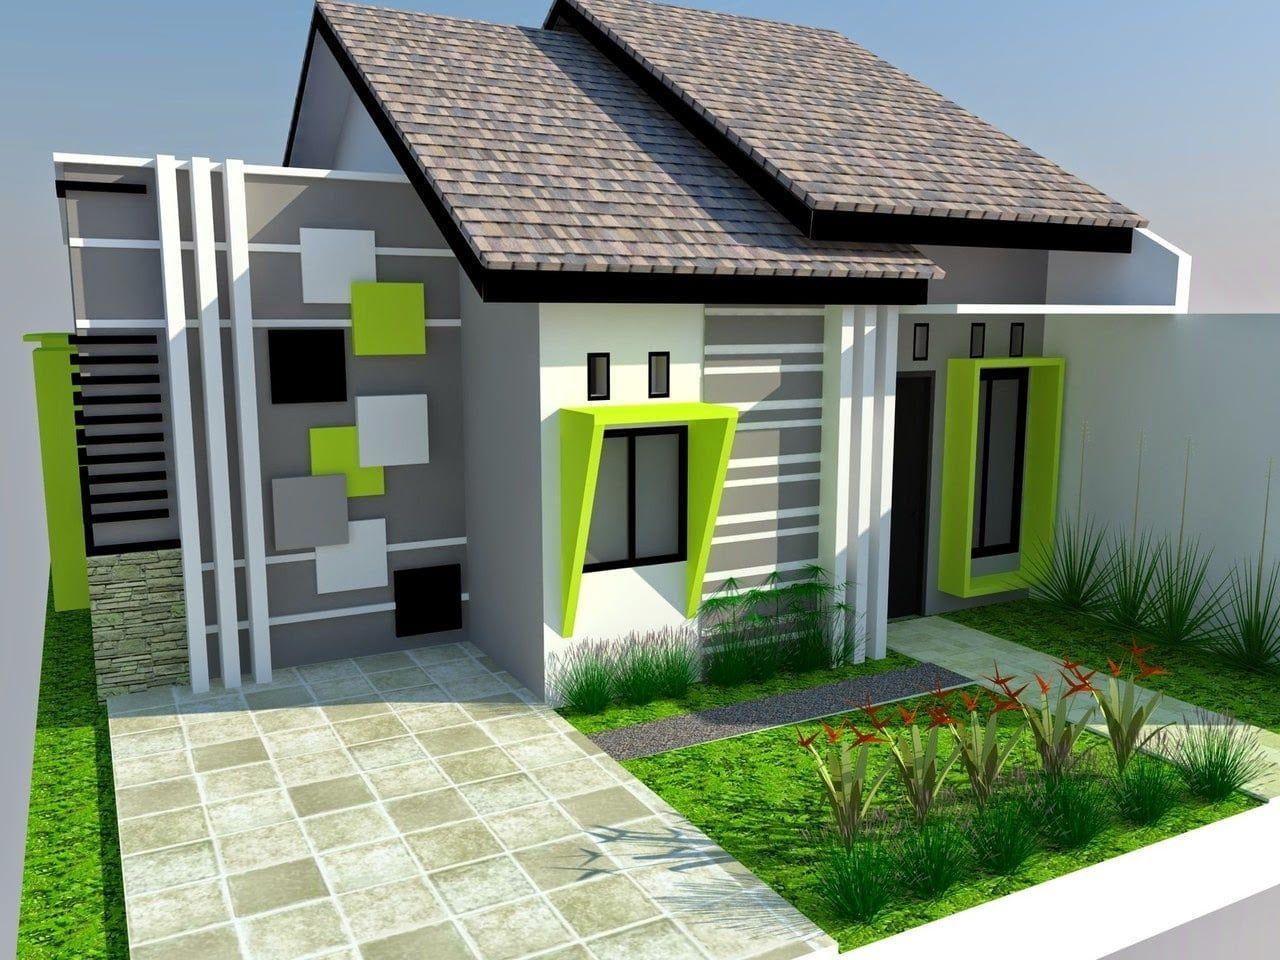 Desain Rumah Minimalis Modern Gambar Rumah Sederhana Tapi Terkesan Mewah Cek Bahan Bangunan